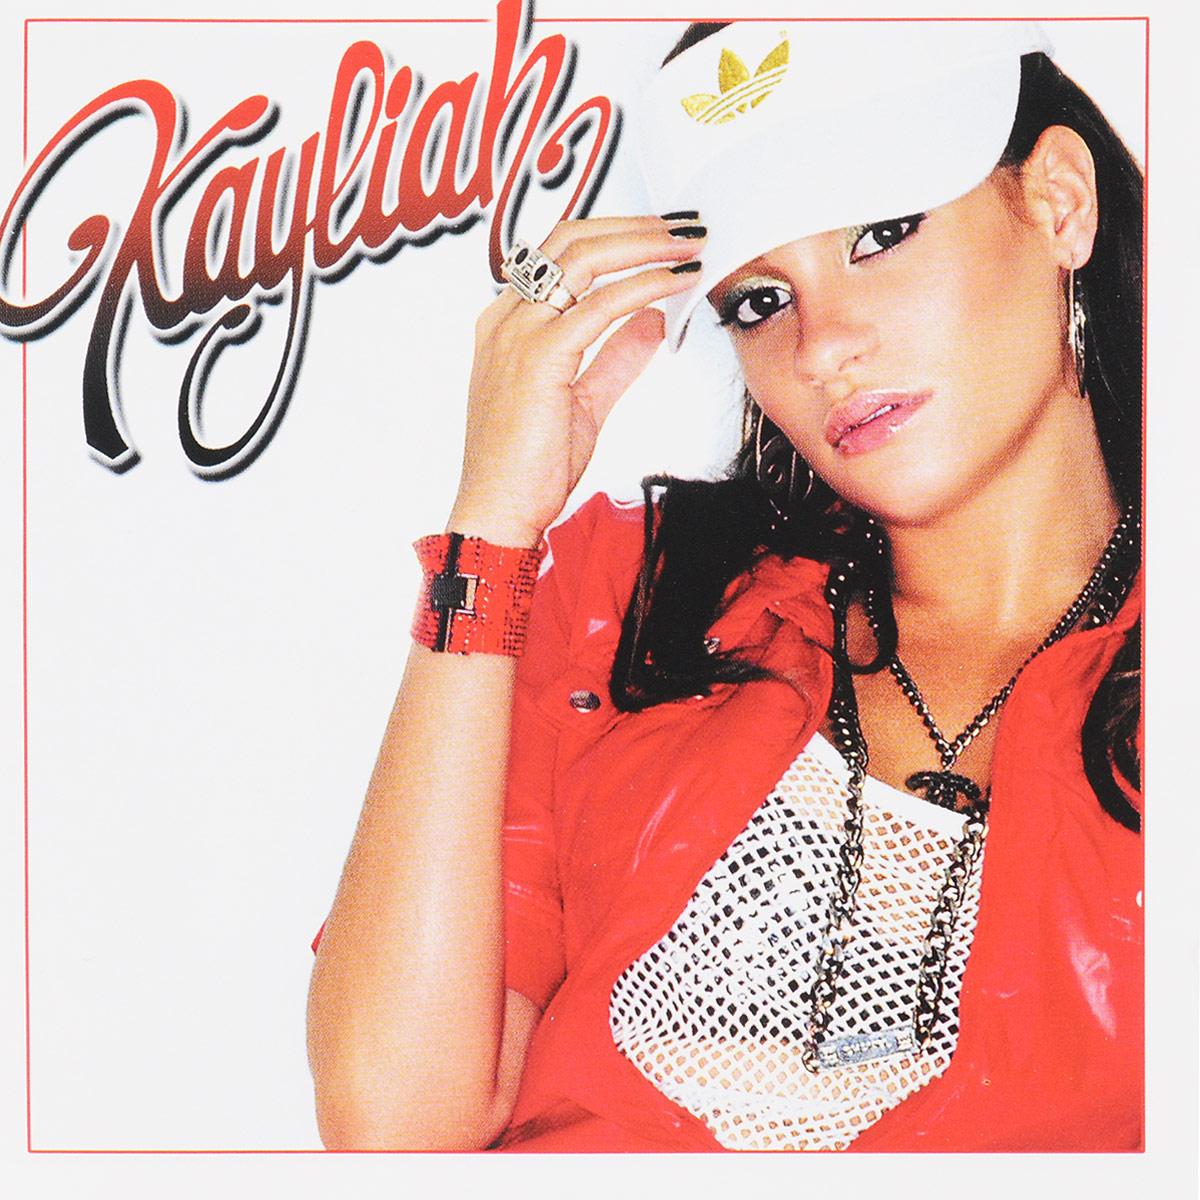 Kayliah KAYLIAH. ON A TOUS BESOIN DE CROIRE сумка tous tous to011bwyve53